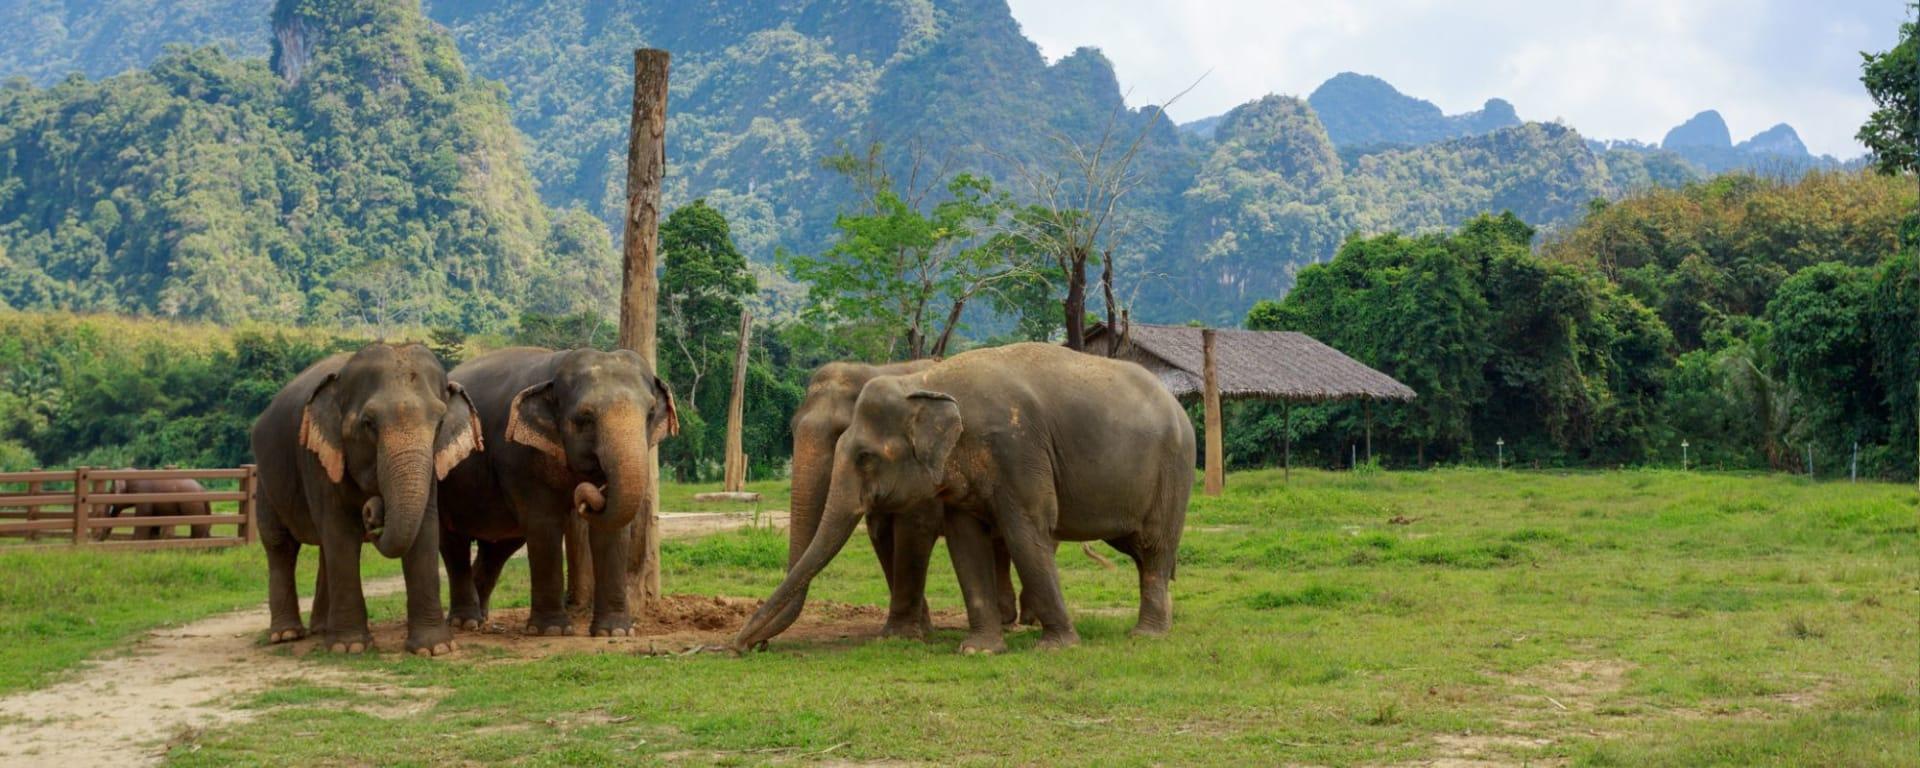 Elephant Hills - 3 Tage ab Phuket: Ethical Elephant Experience at Elephant Hills Luxury Tented Camp Khao Sok National Park Thailand - no Elephant Riding or Trekking